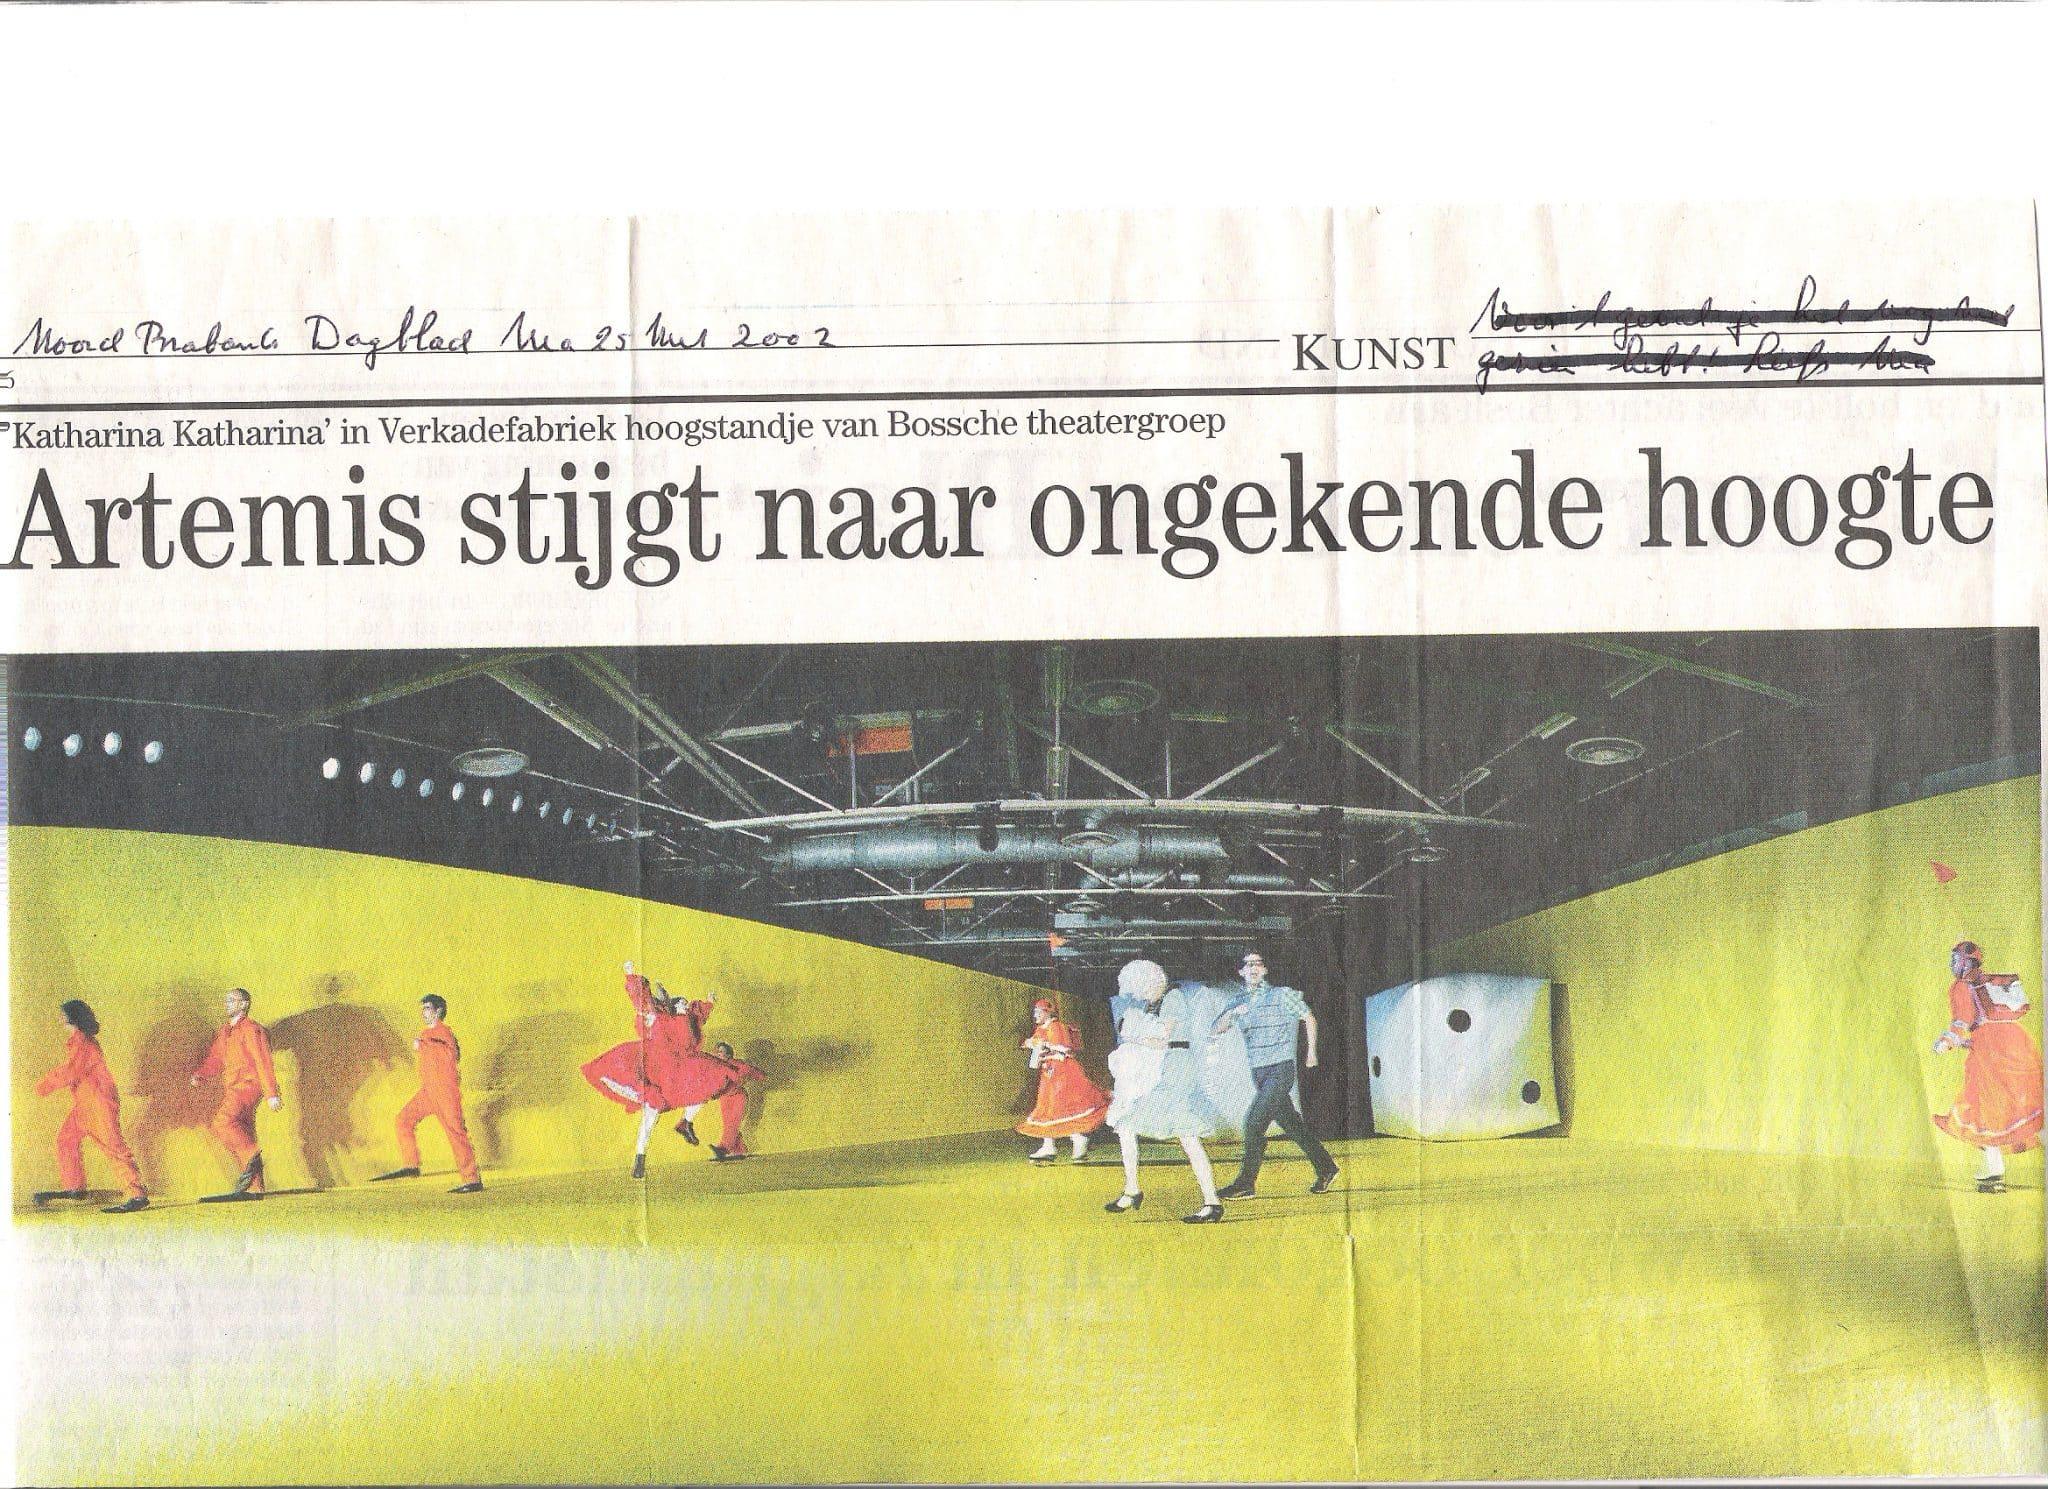 KK Noord Brabants Dagblad 25 maart 2002